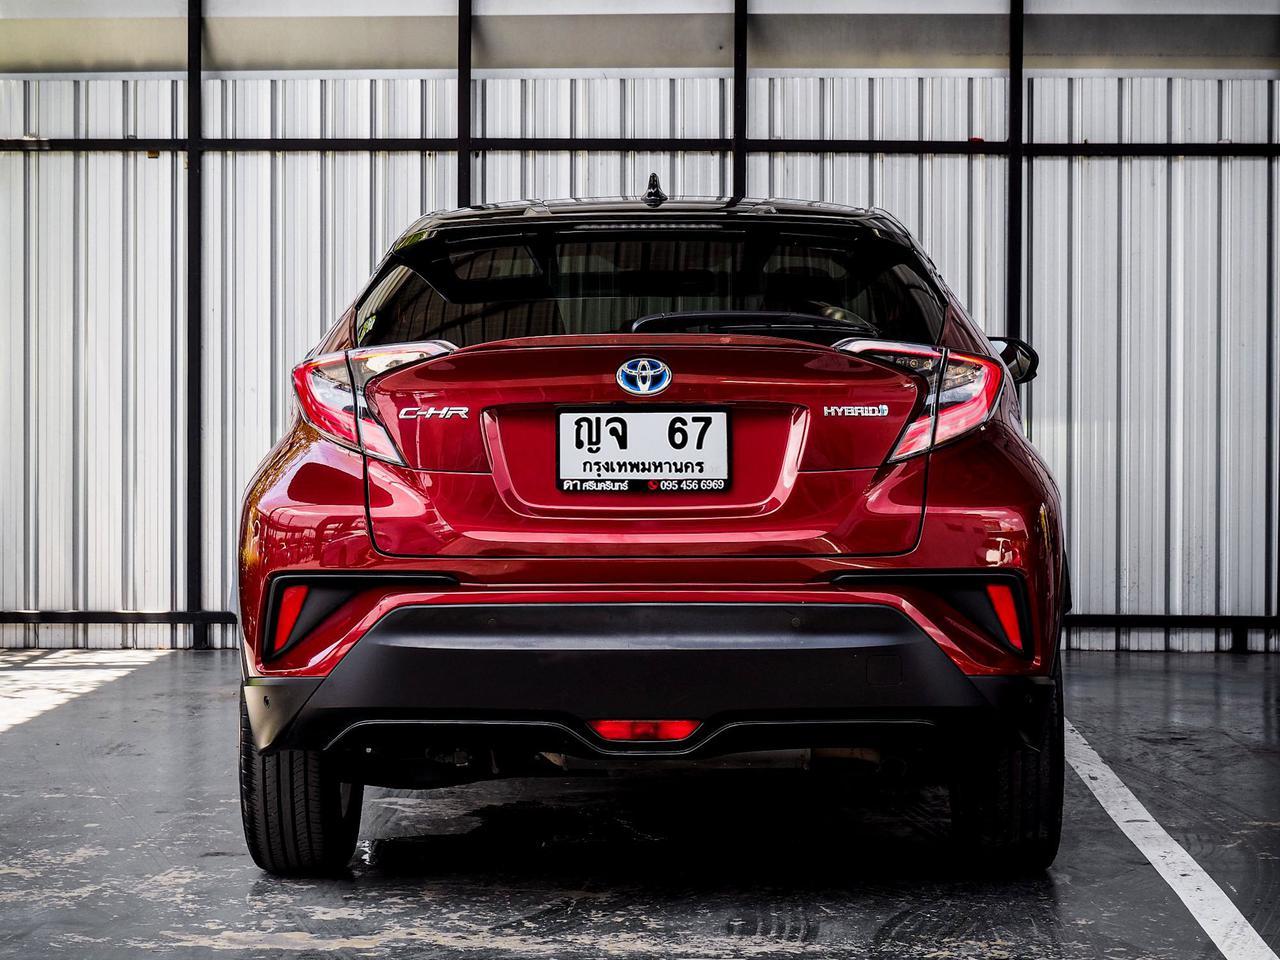 Toyota CHR HV Hi รุ่น Top สุด ปี 2019 เลขไมล์ 60,000 กิโล รูปที่ 5